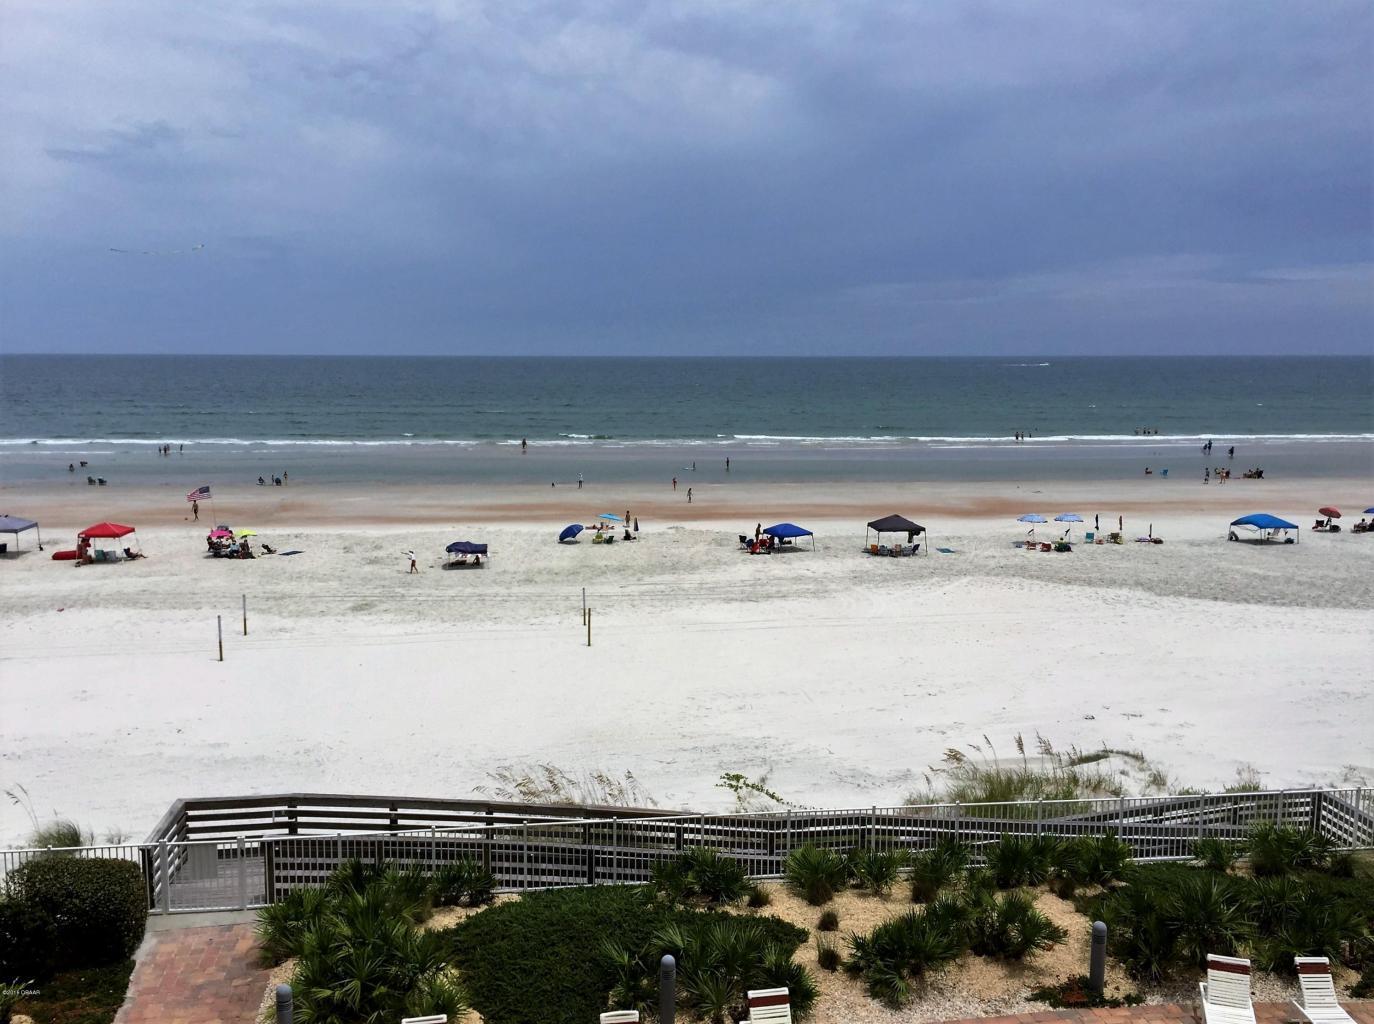 palmas de mallorca condo oceanfront condo complex on the beach